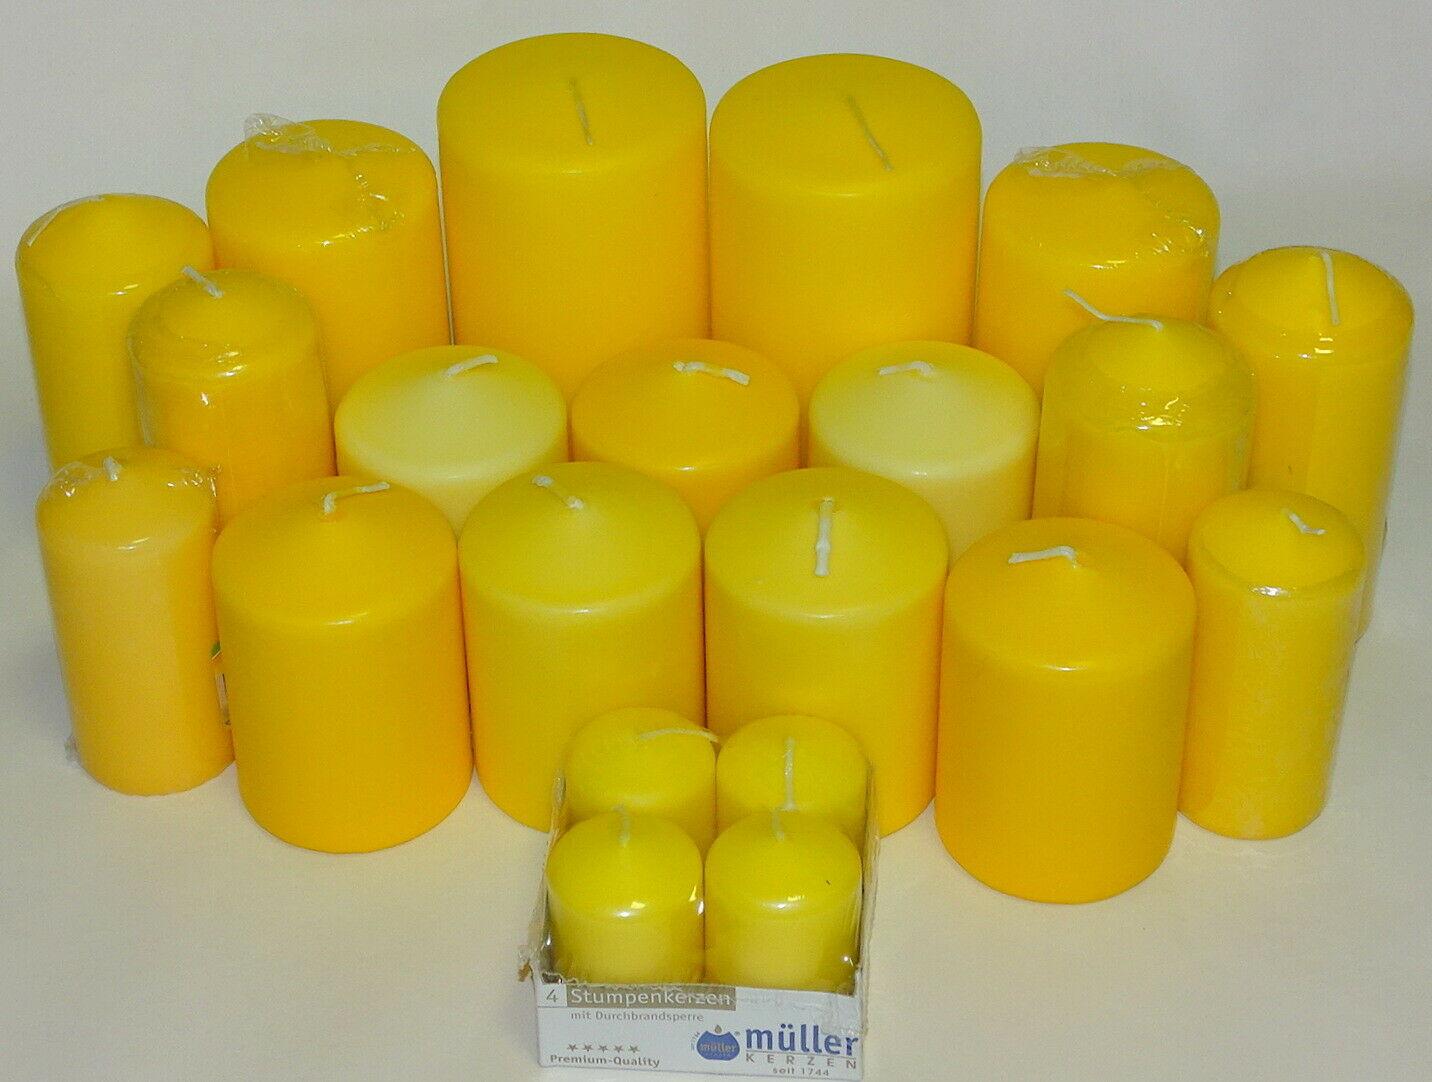 5 kg Qualität Stumpenkerzen Paket Kerzen Set Tischdeko gemischt nach Farben - Gelb